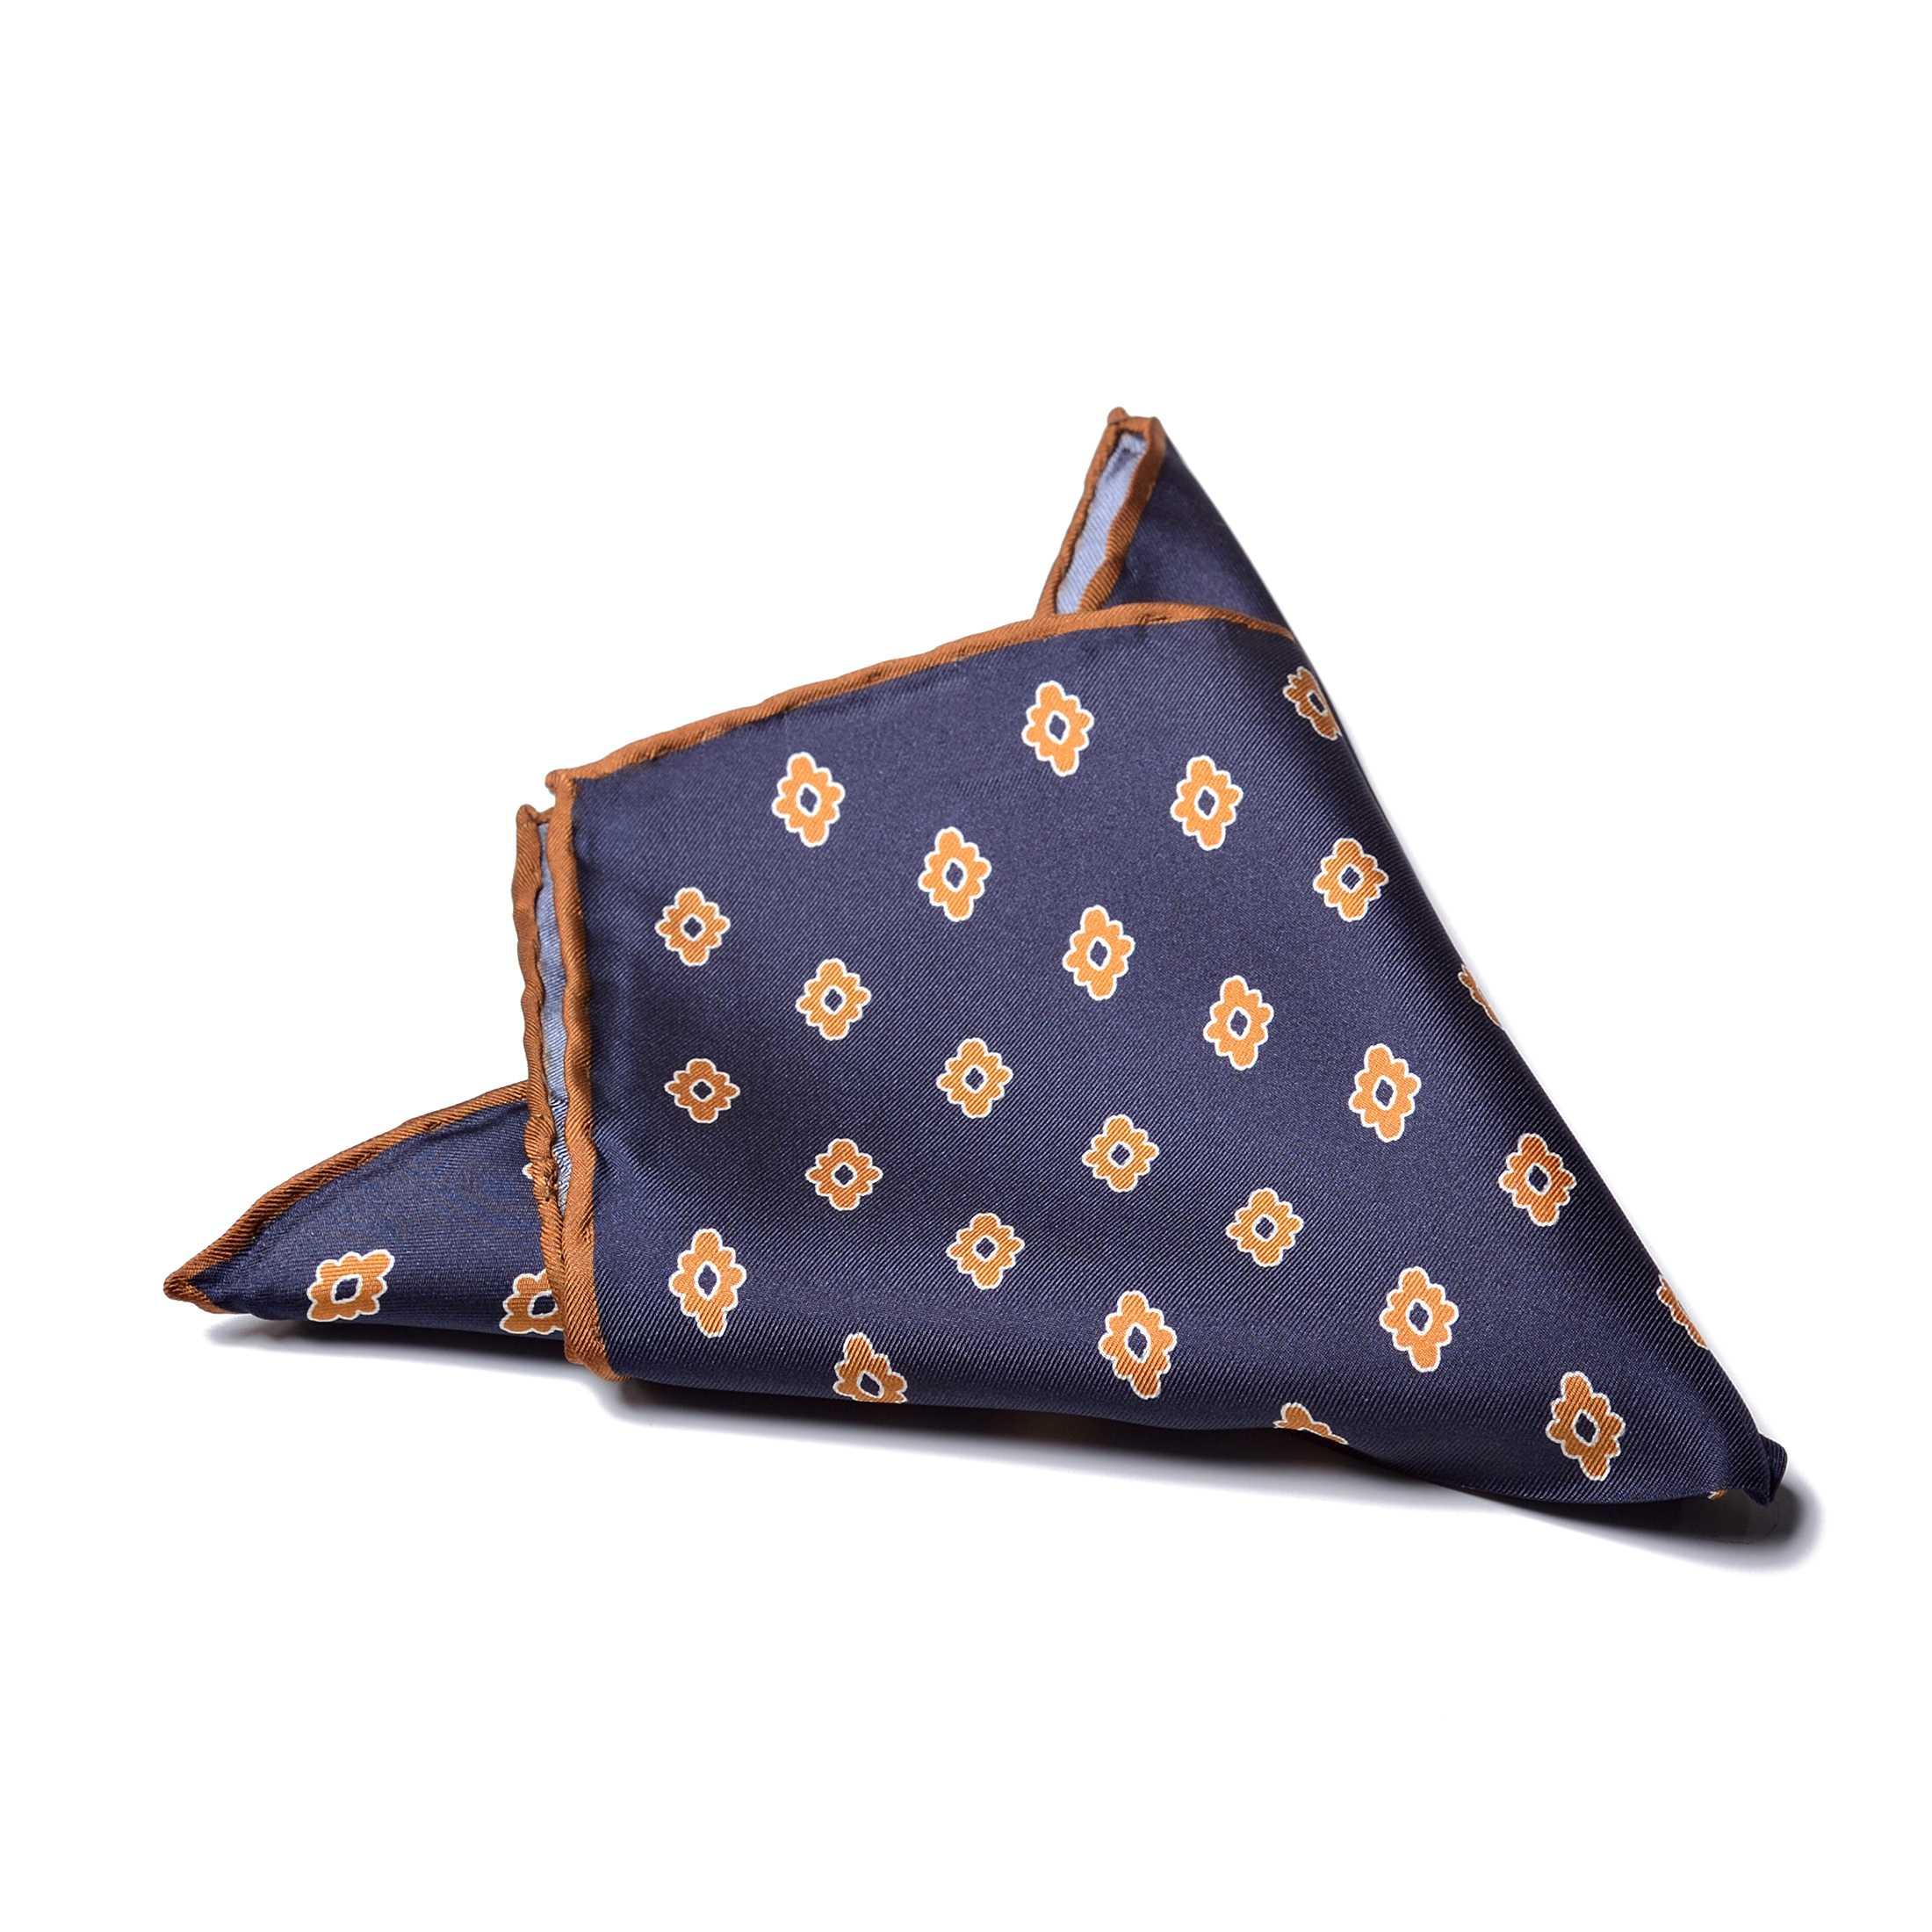 Платок нагрудный в карман темно-синий с рыжими узором и окантовкой (шелк)